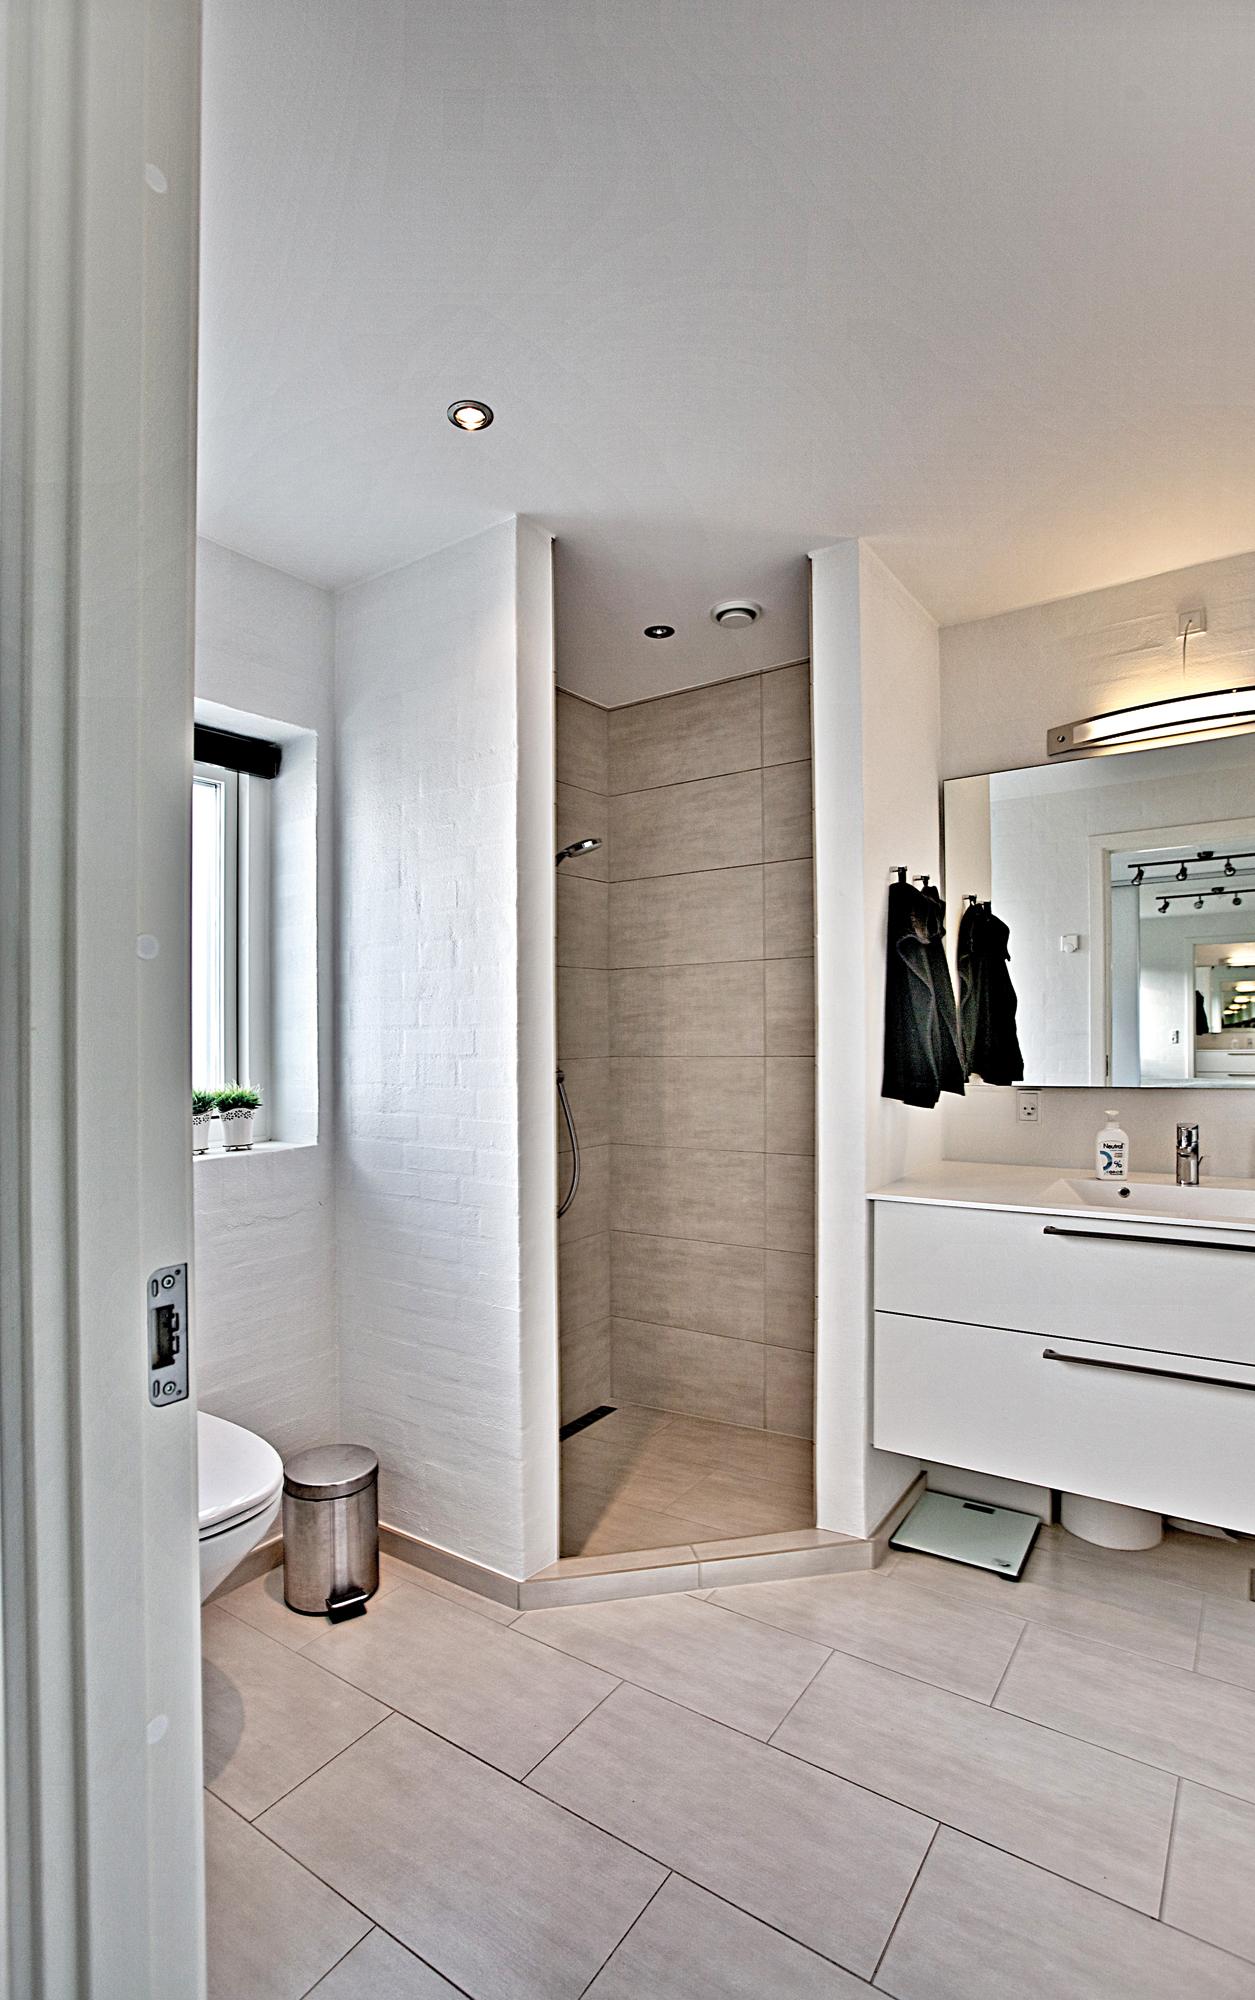 badeværelse showroom Badeværelser   Preben Jørgensen Huse badeværelse showroom